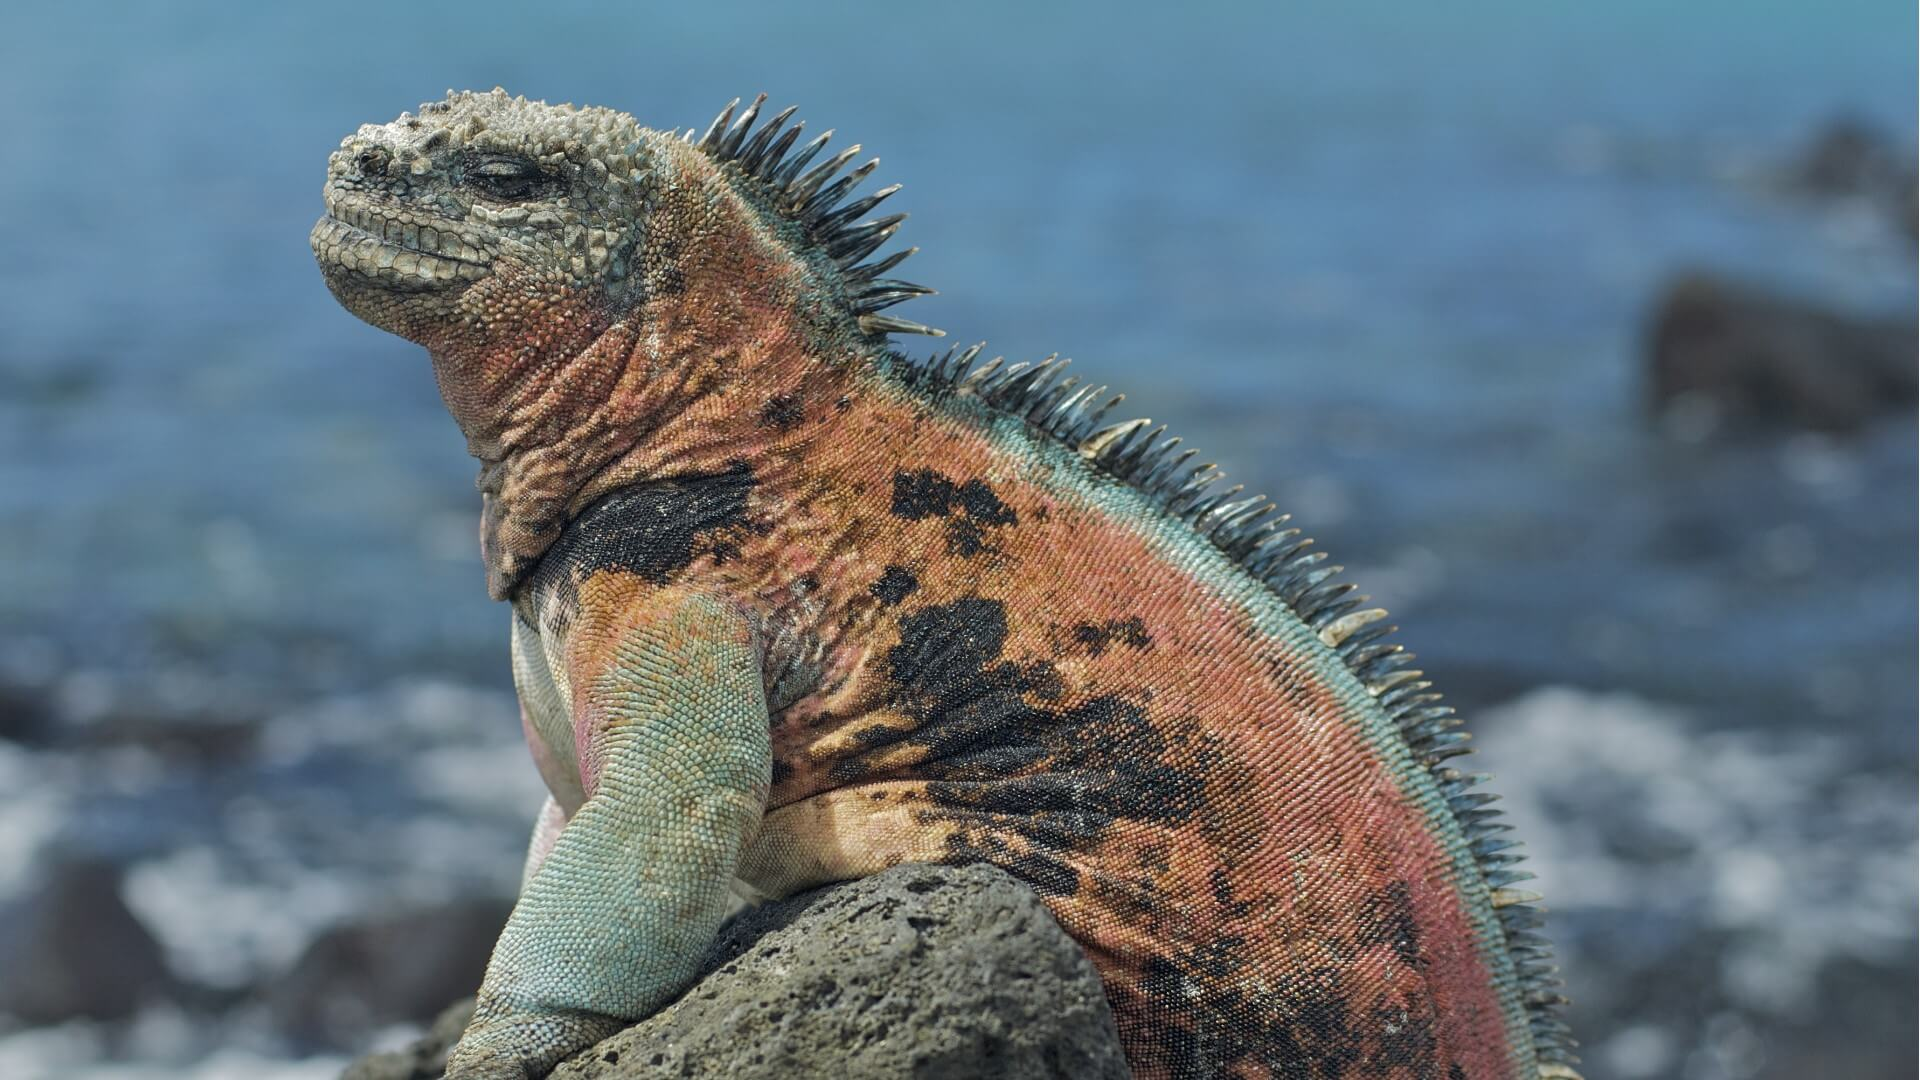 Galapagos Marine Iguana © Galapagos Conservation Trust